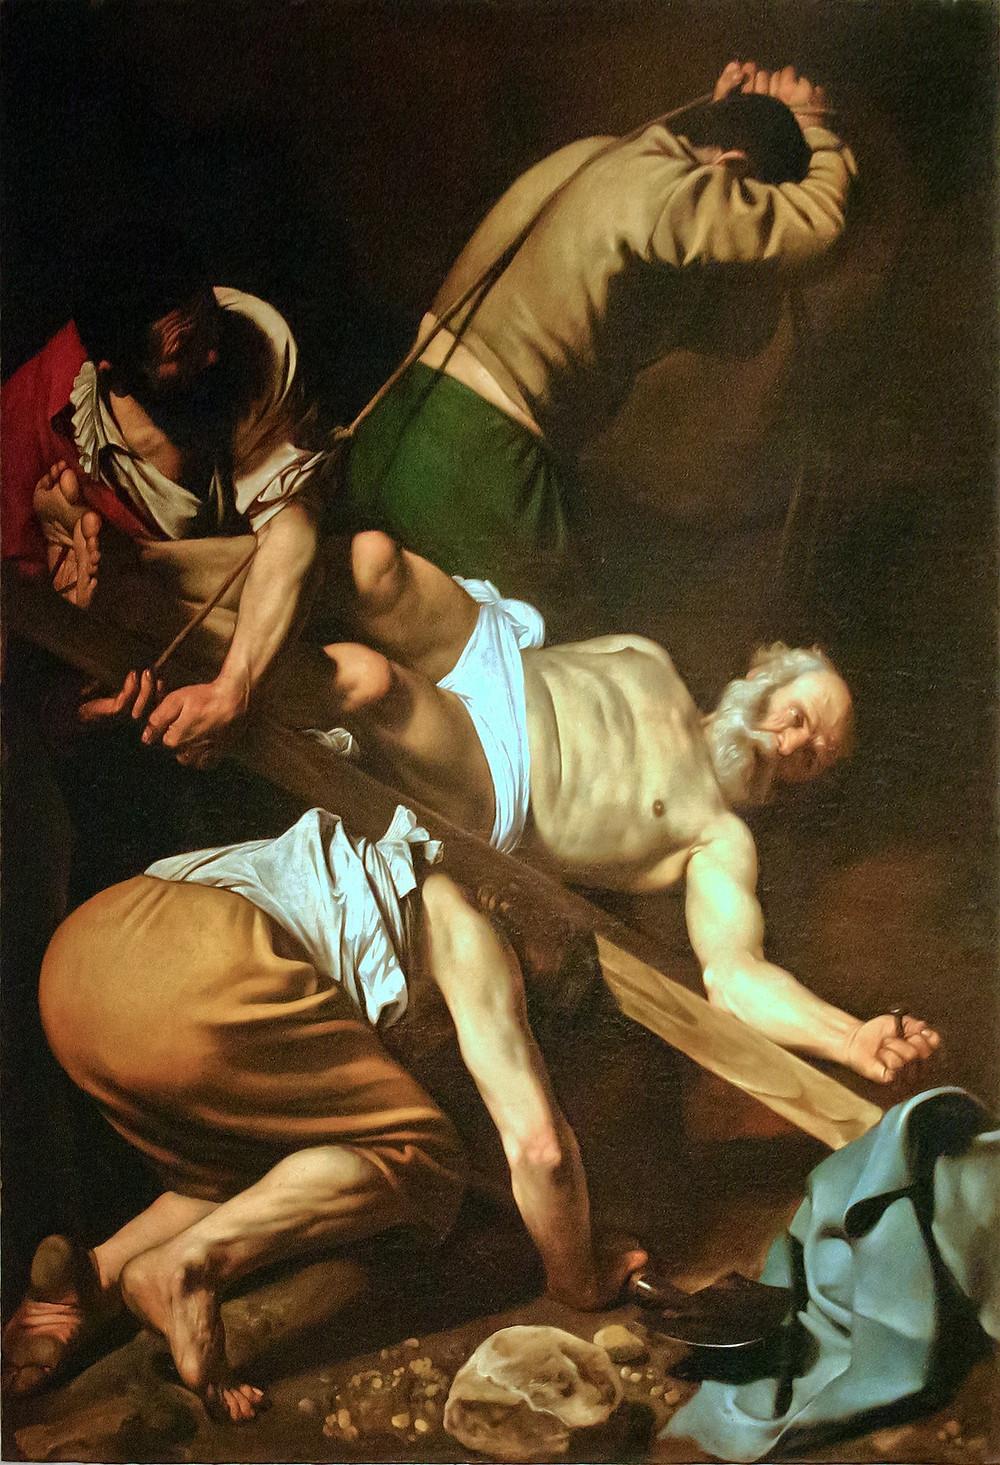 סיור חינם ברומא - ליבתו של פטרוס הקדוש מאת  קארווג'ו